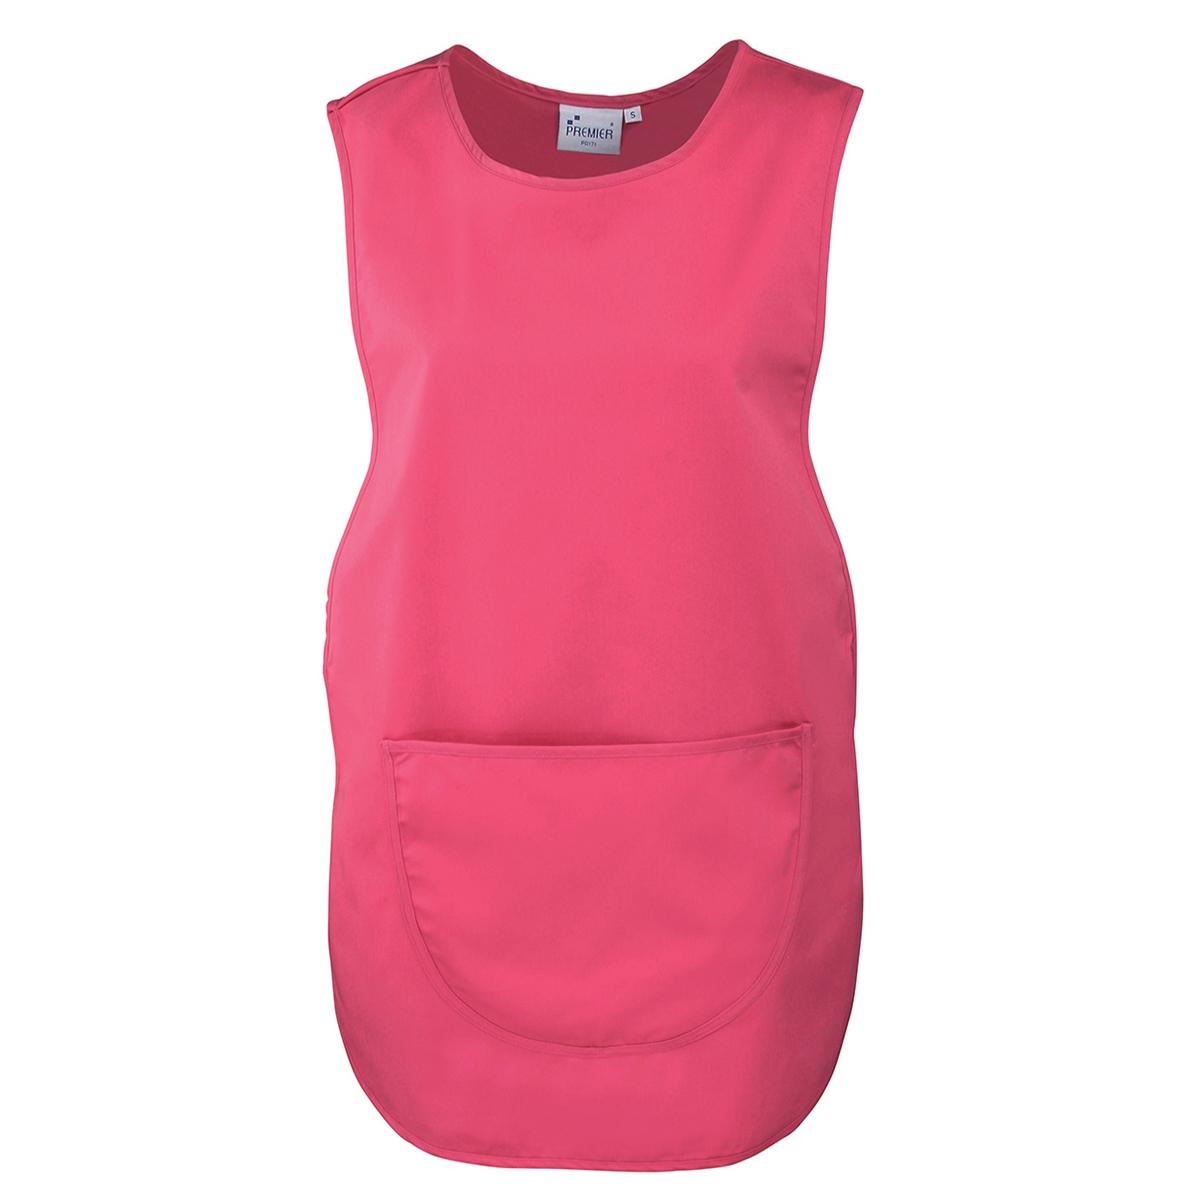 HPIN | hot pink